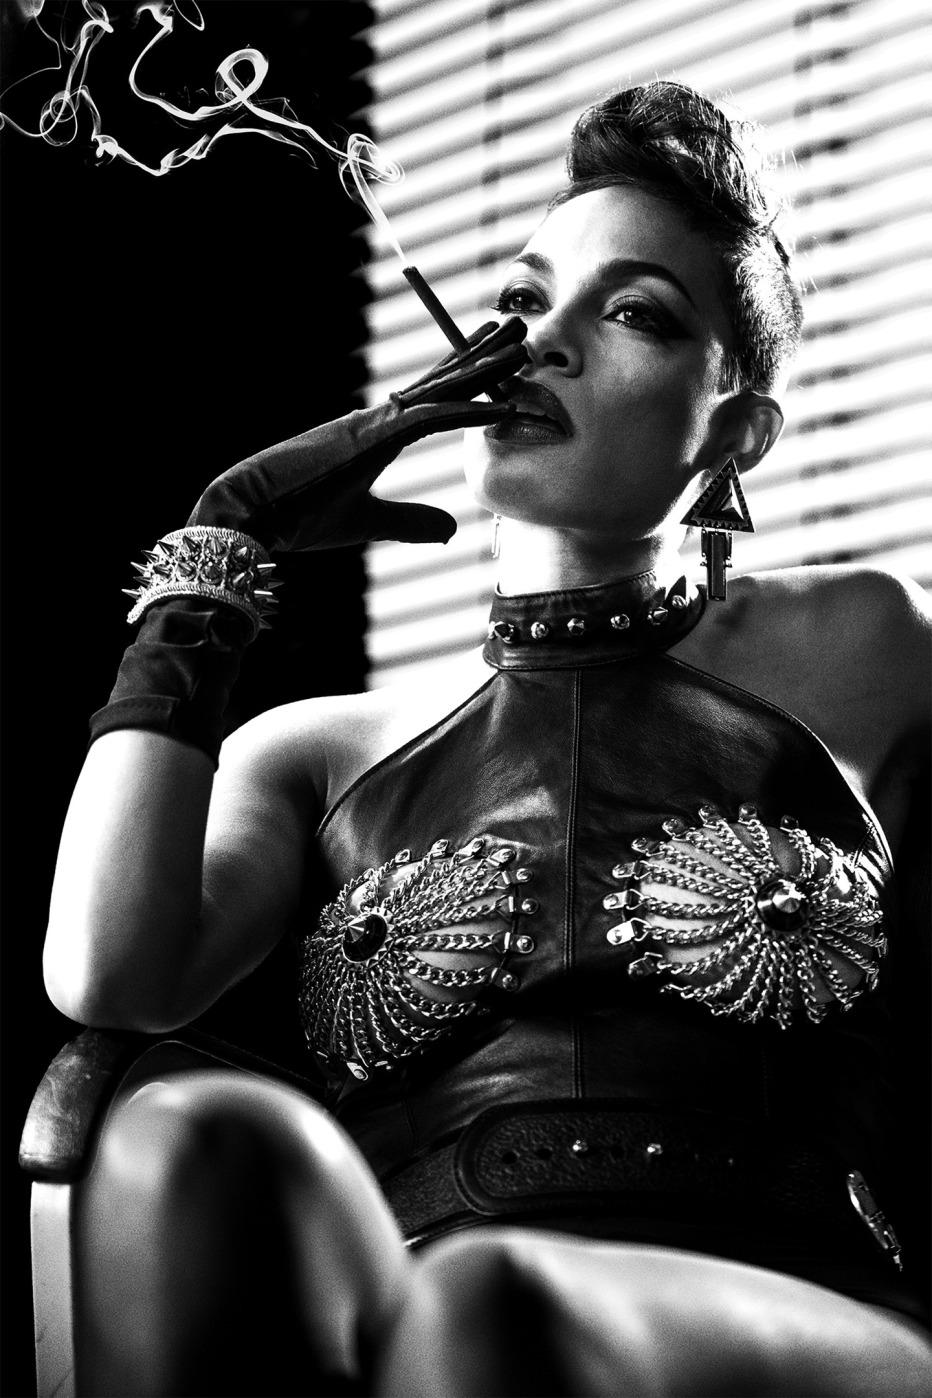 Sin-City-Una-donna-per-cui-uccidere-2014-Frank-Miller-Robert-Rodriguez-29.jpg